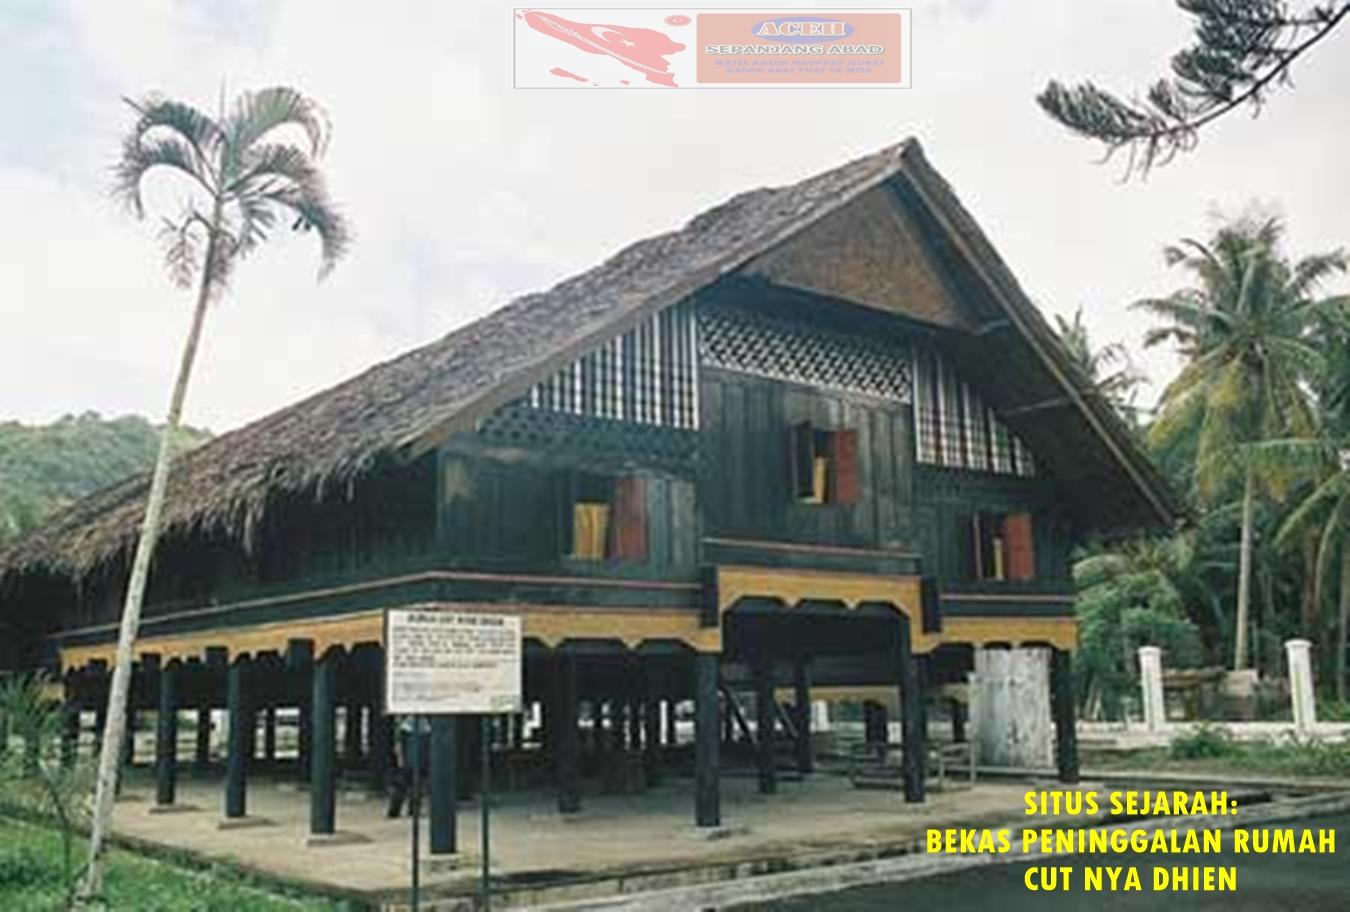 Potret Sejarah Rumah Cut Nyak Dhien Haba Nanggroe Museum Kota